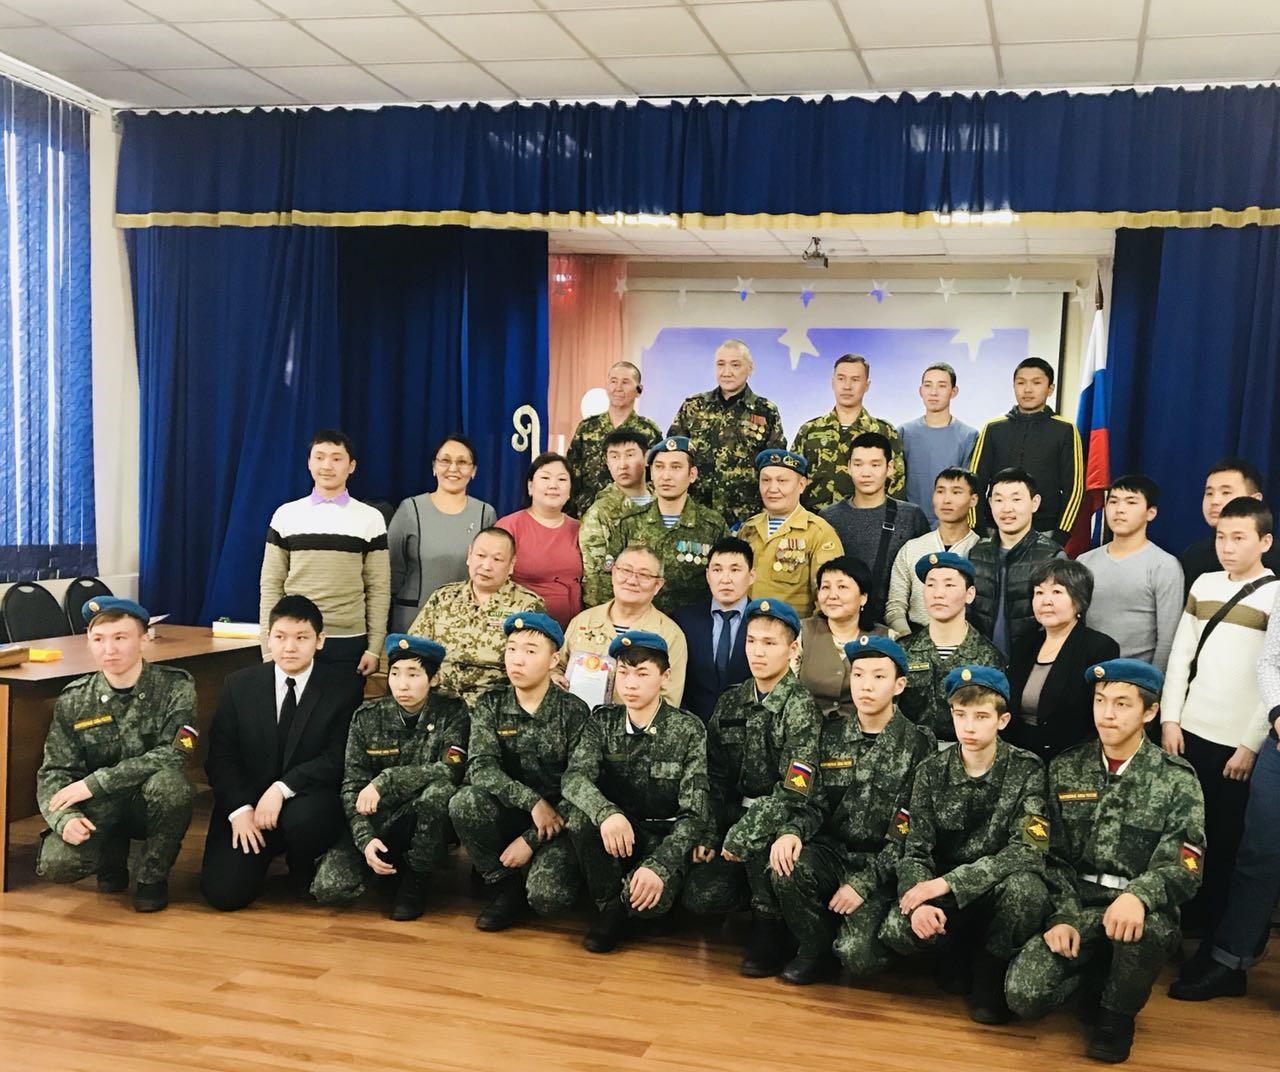 Дню памяти воинов-интернационалистов посвящается…, а также особый жесть приветствия –чолукшууру